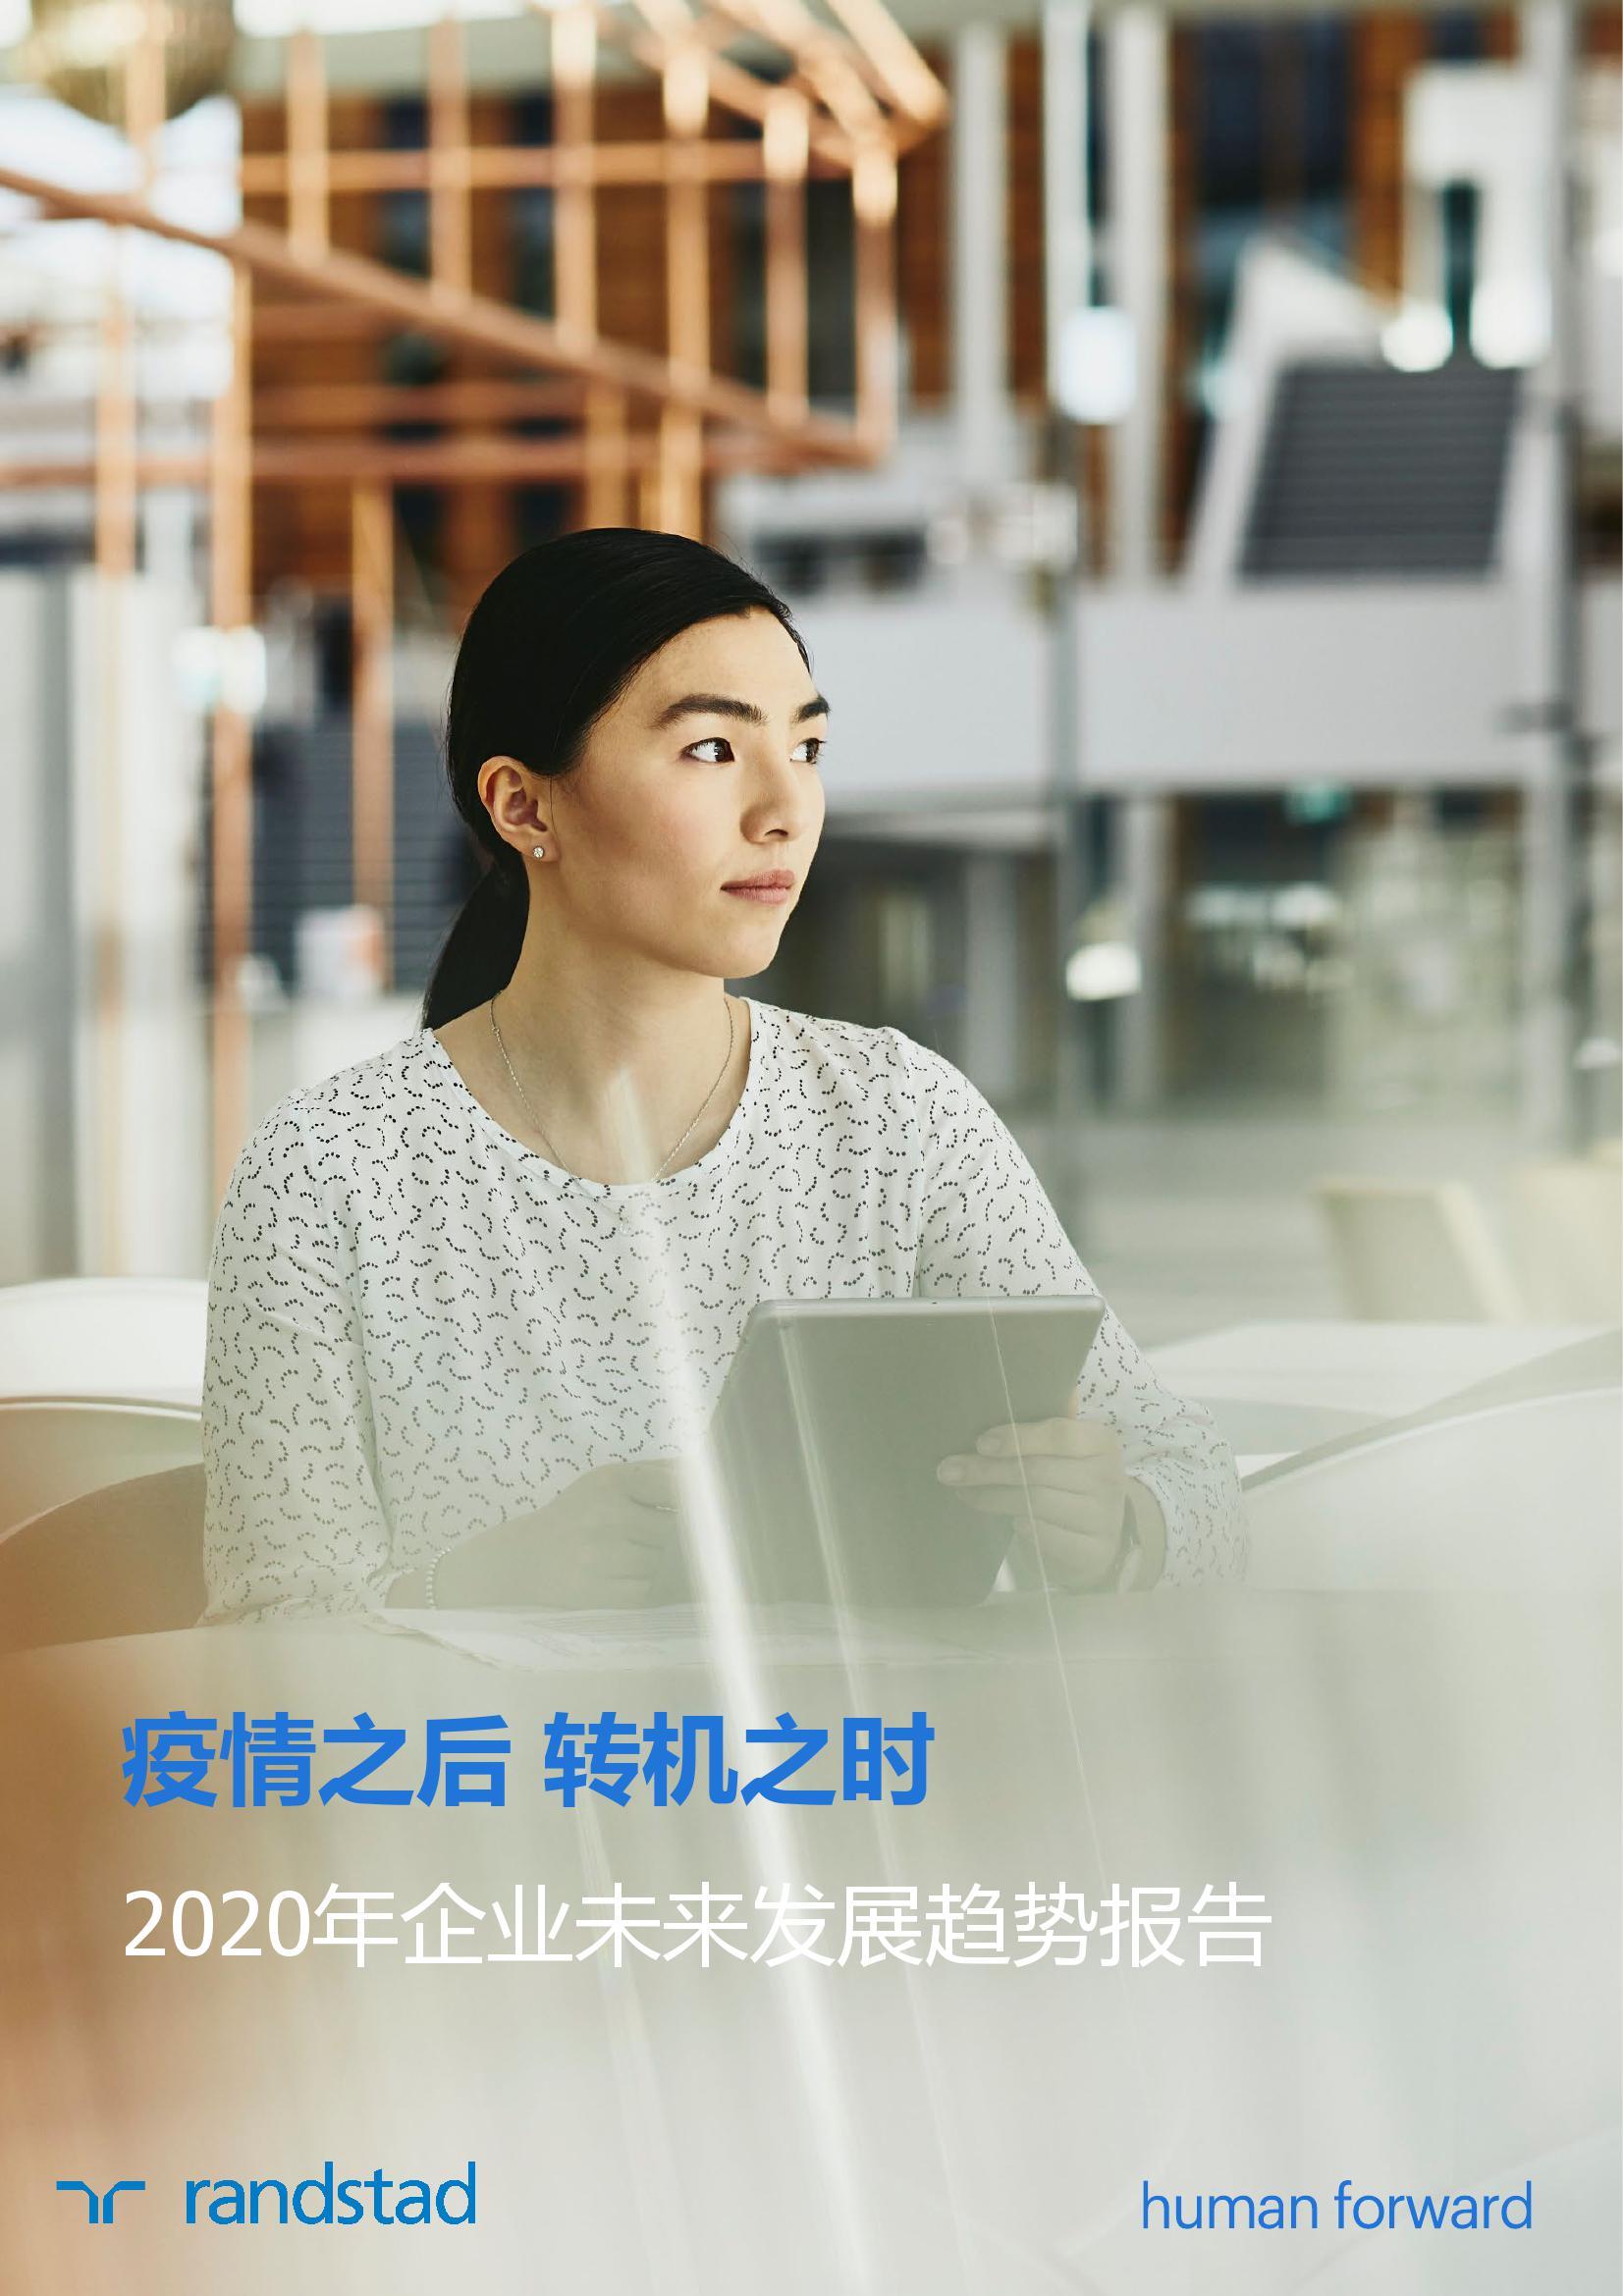 任仕达:2020年企业未来发展趋势报告(附下载)